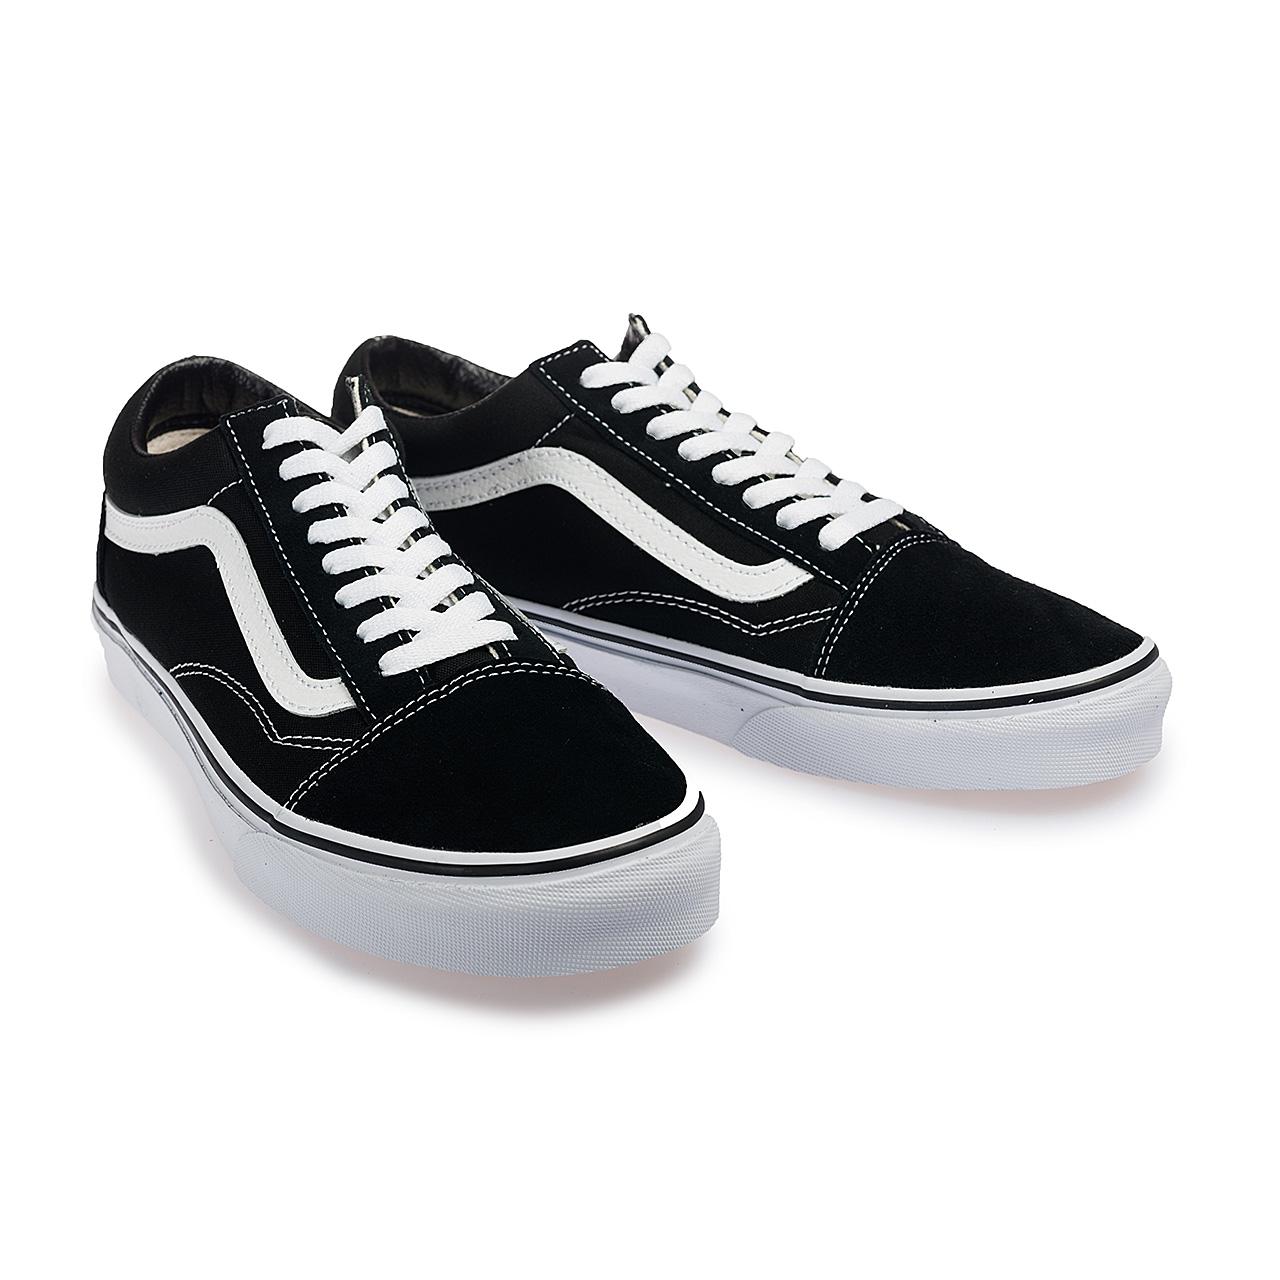 VANS - VN000D3HY28 OLD SKOOL 基本款 滑板鞋 帆布鞋 (黑白)